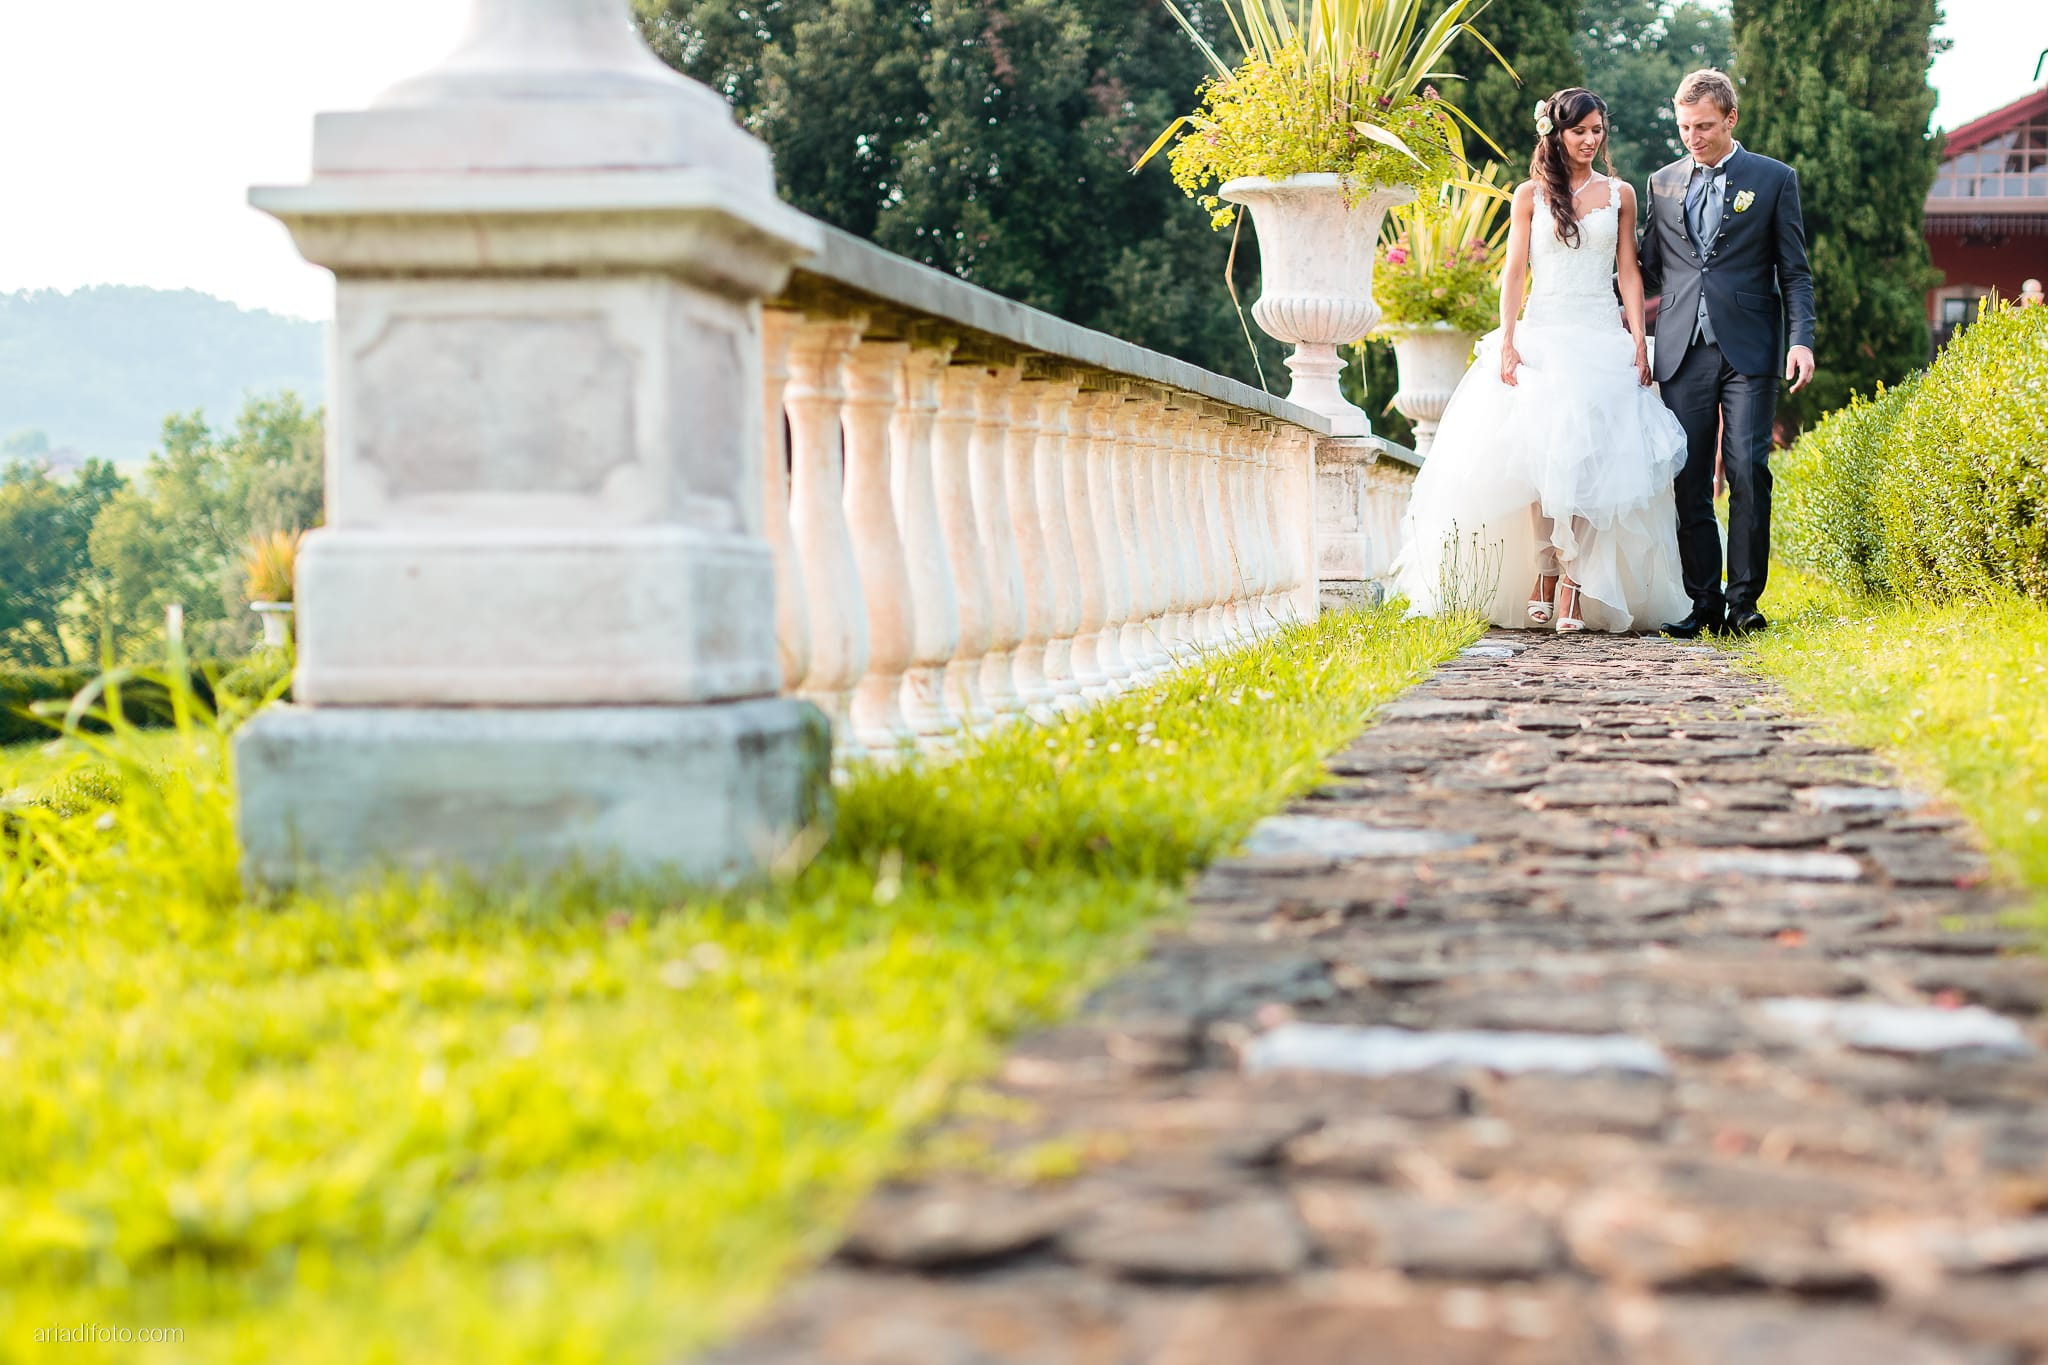 Erica Stefano Matrimonio Duino Castello Spessa Capriva Del Friuli Gorizia ritratti sposa